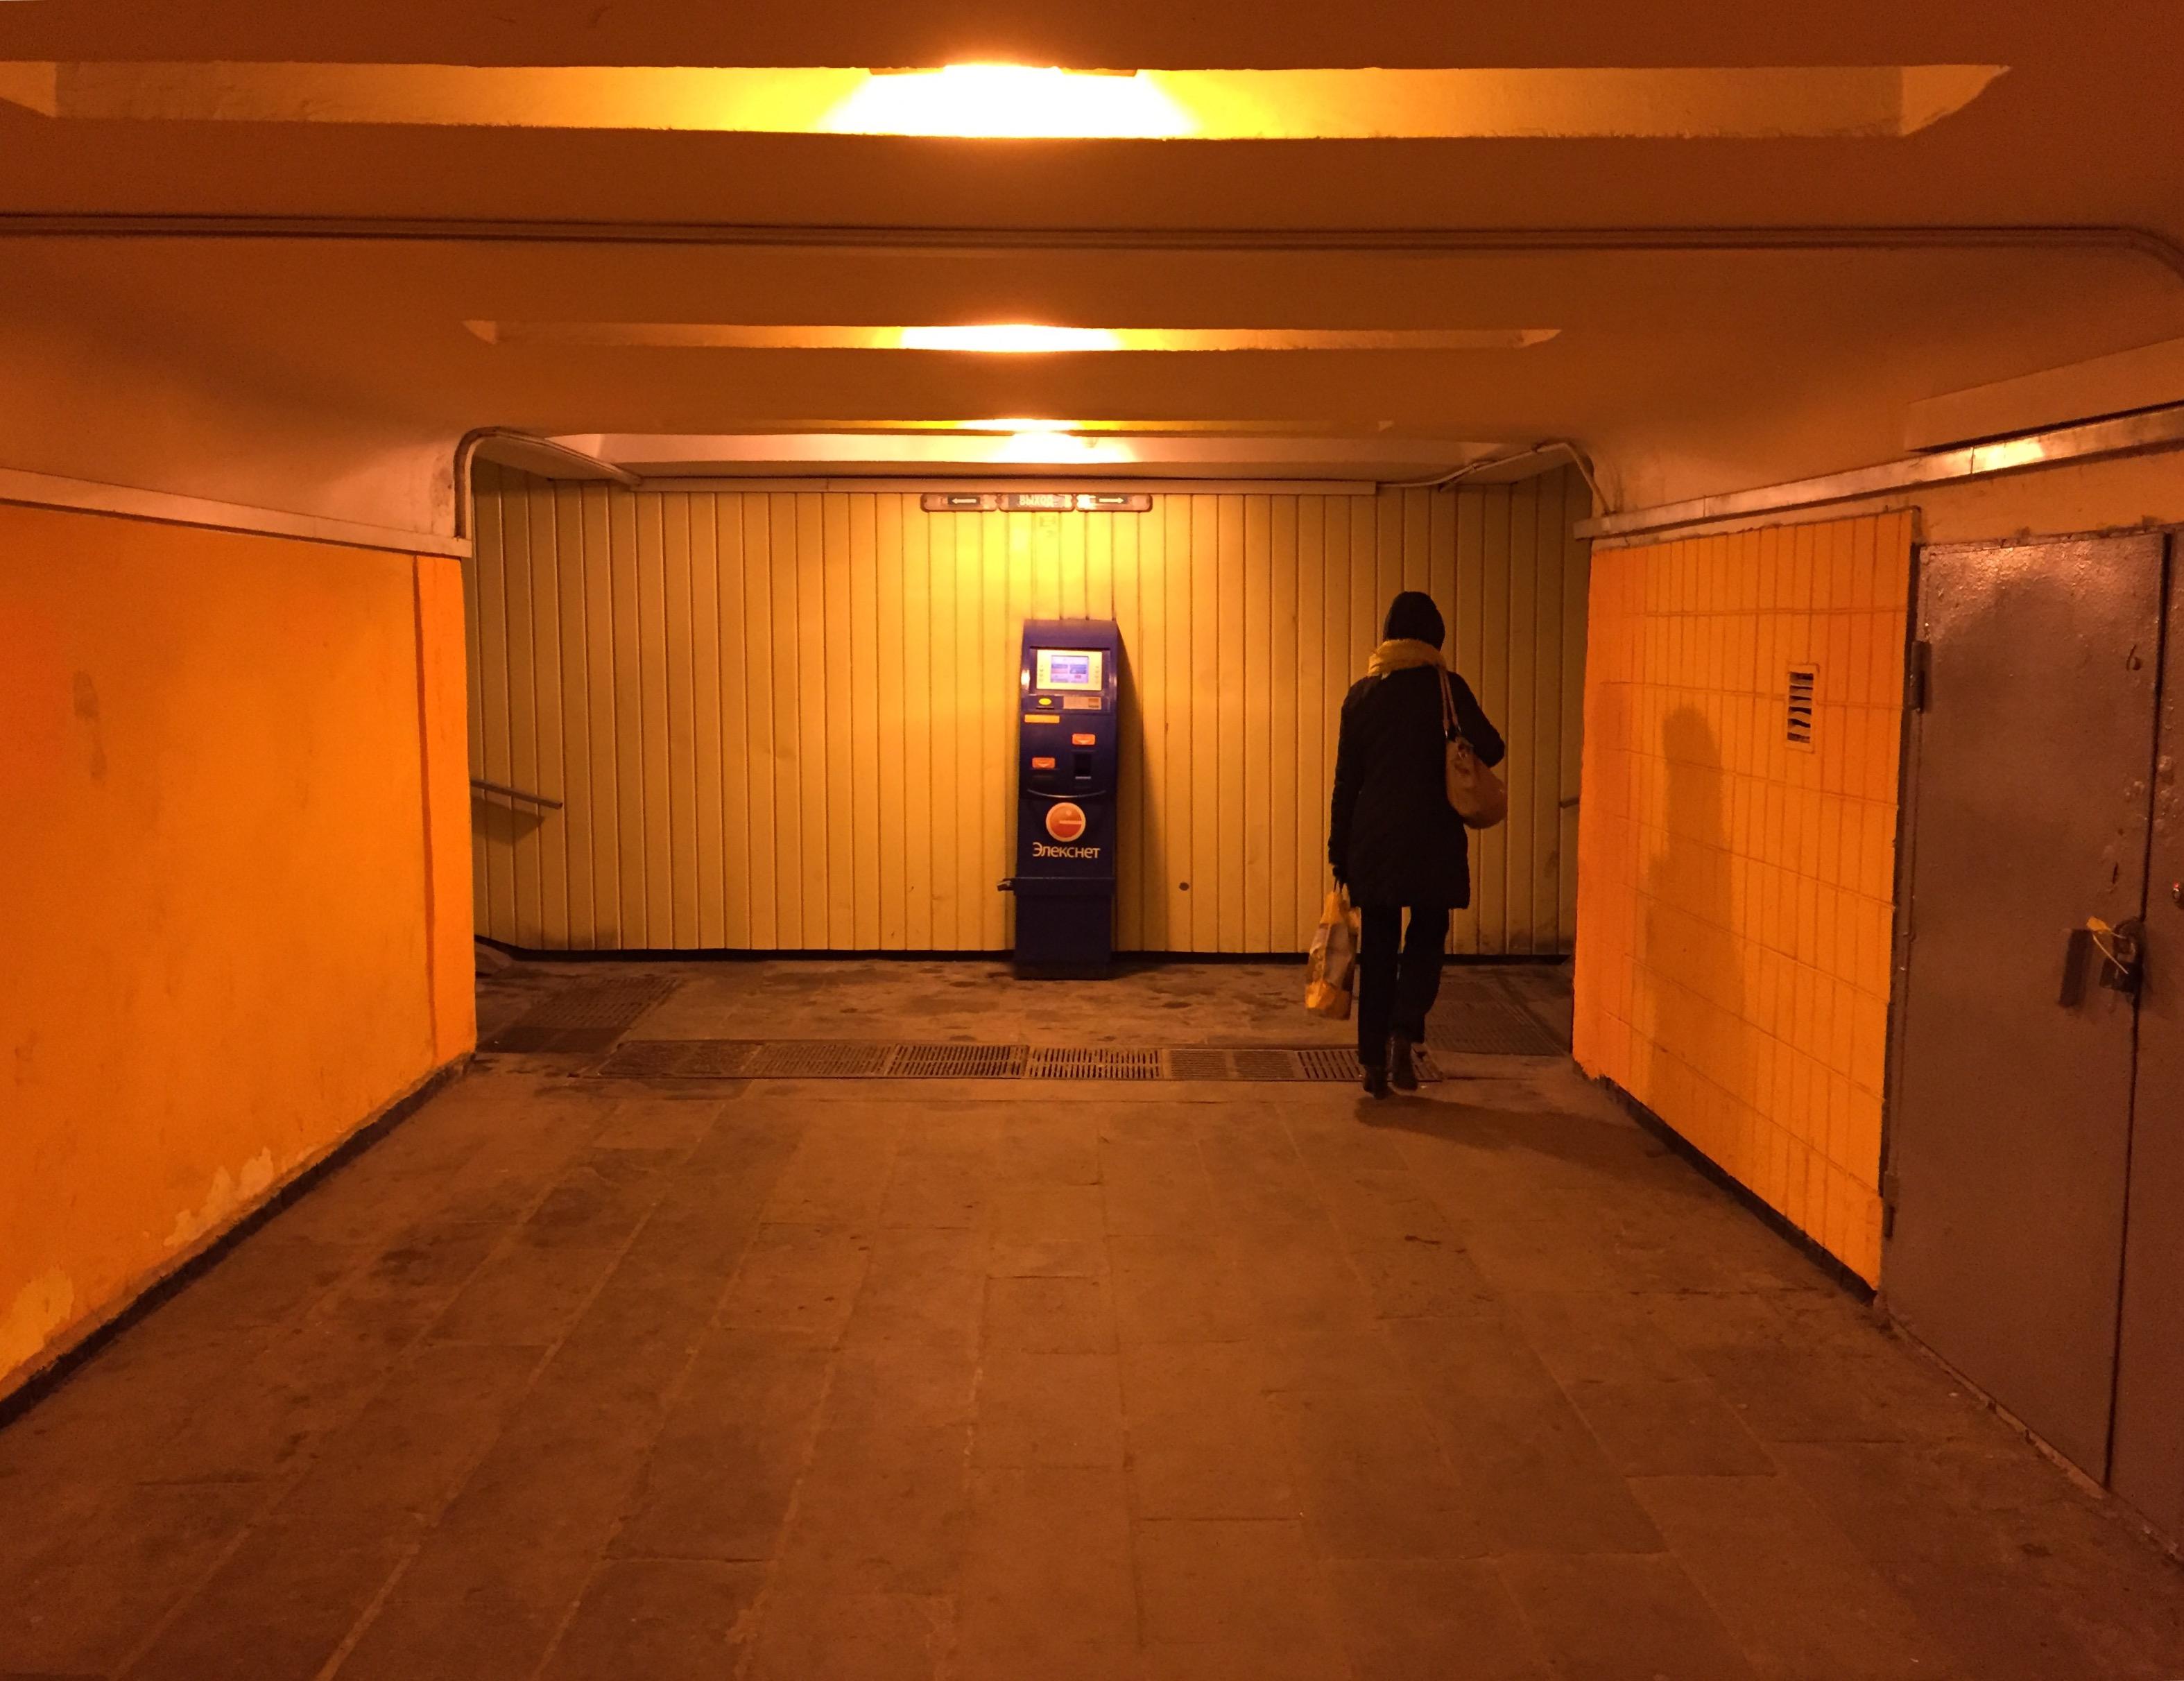 Moskau Unterführung Automat Frau